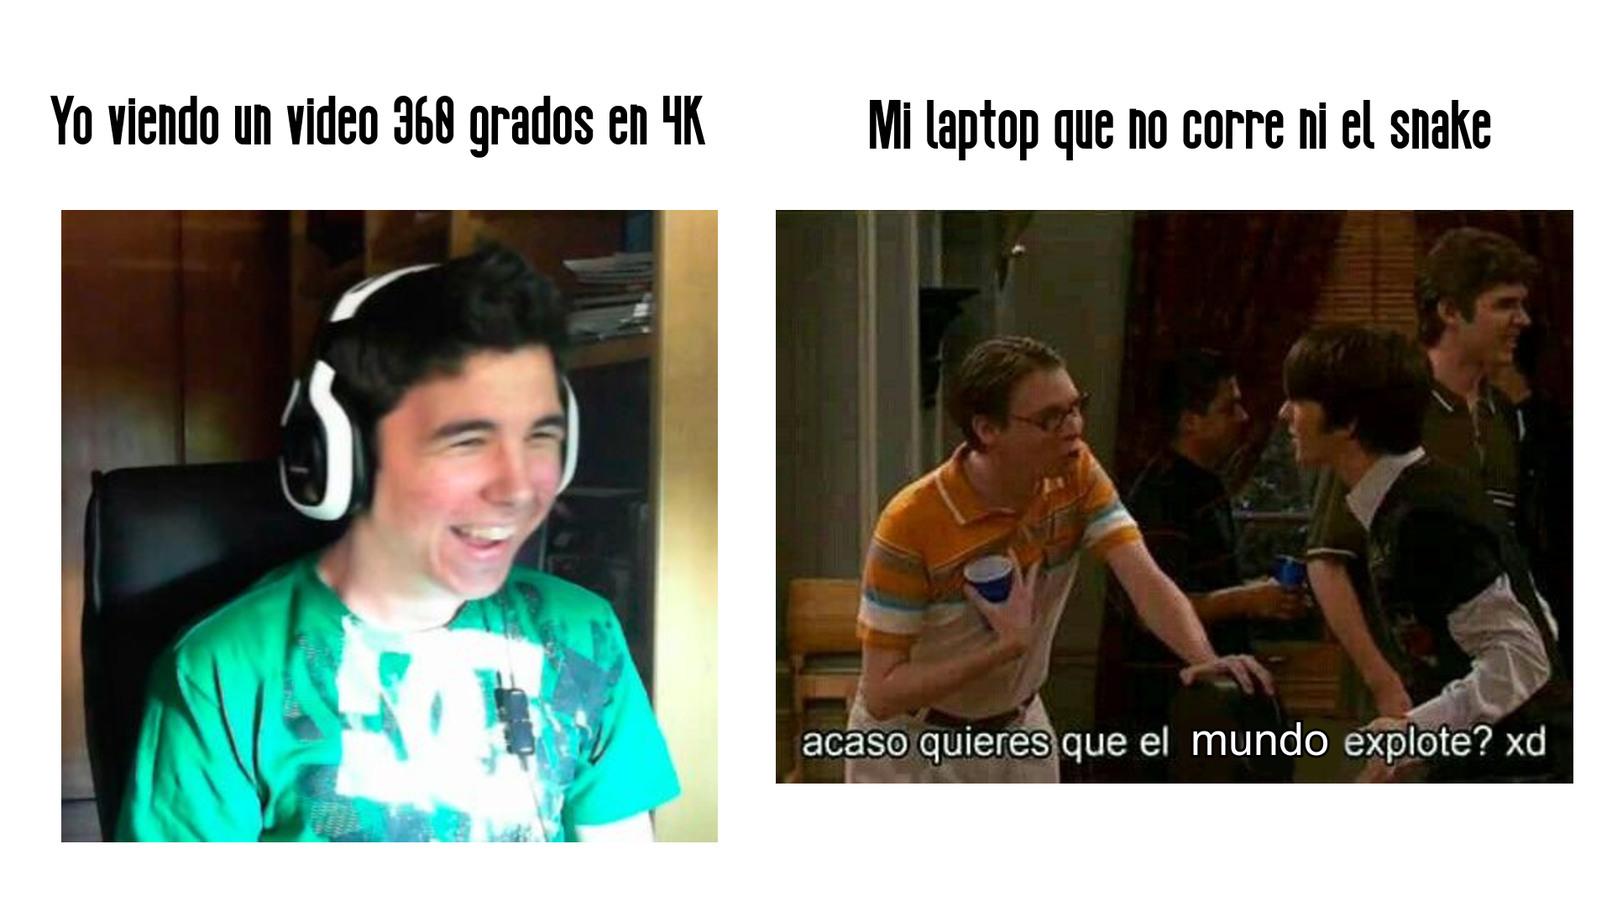 ACASO QUIERES QUE EL MUNDO EXPLOTE!? - meme